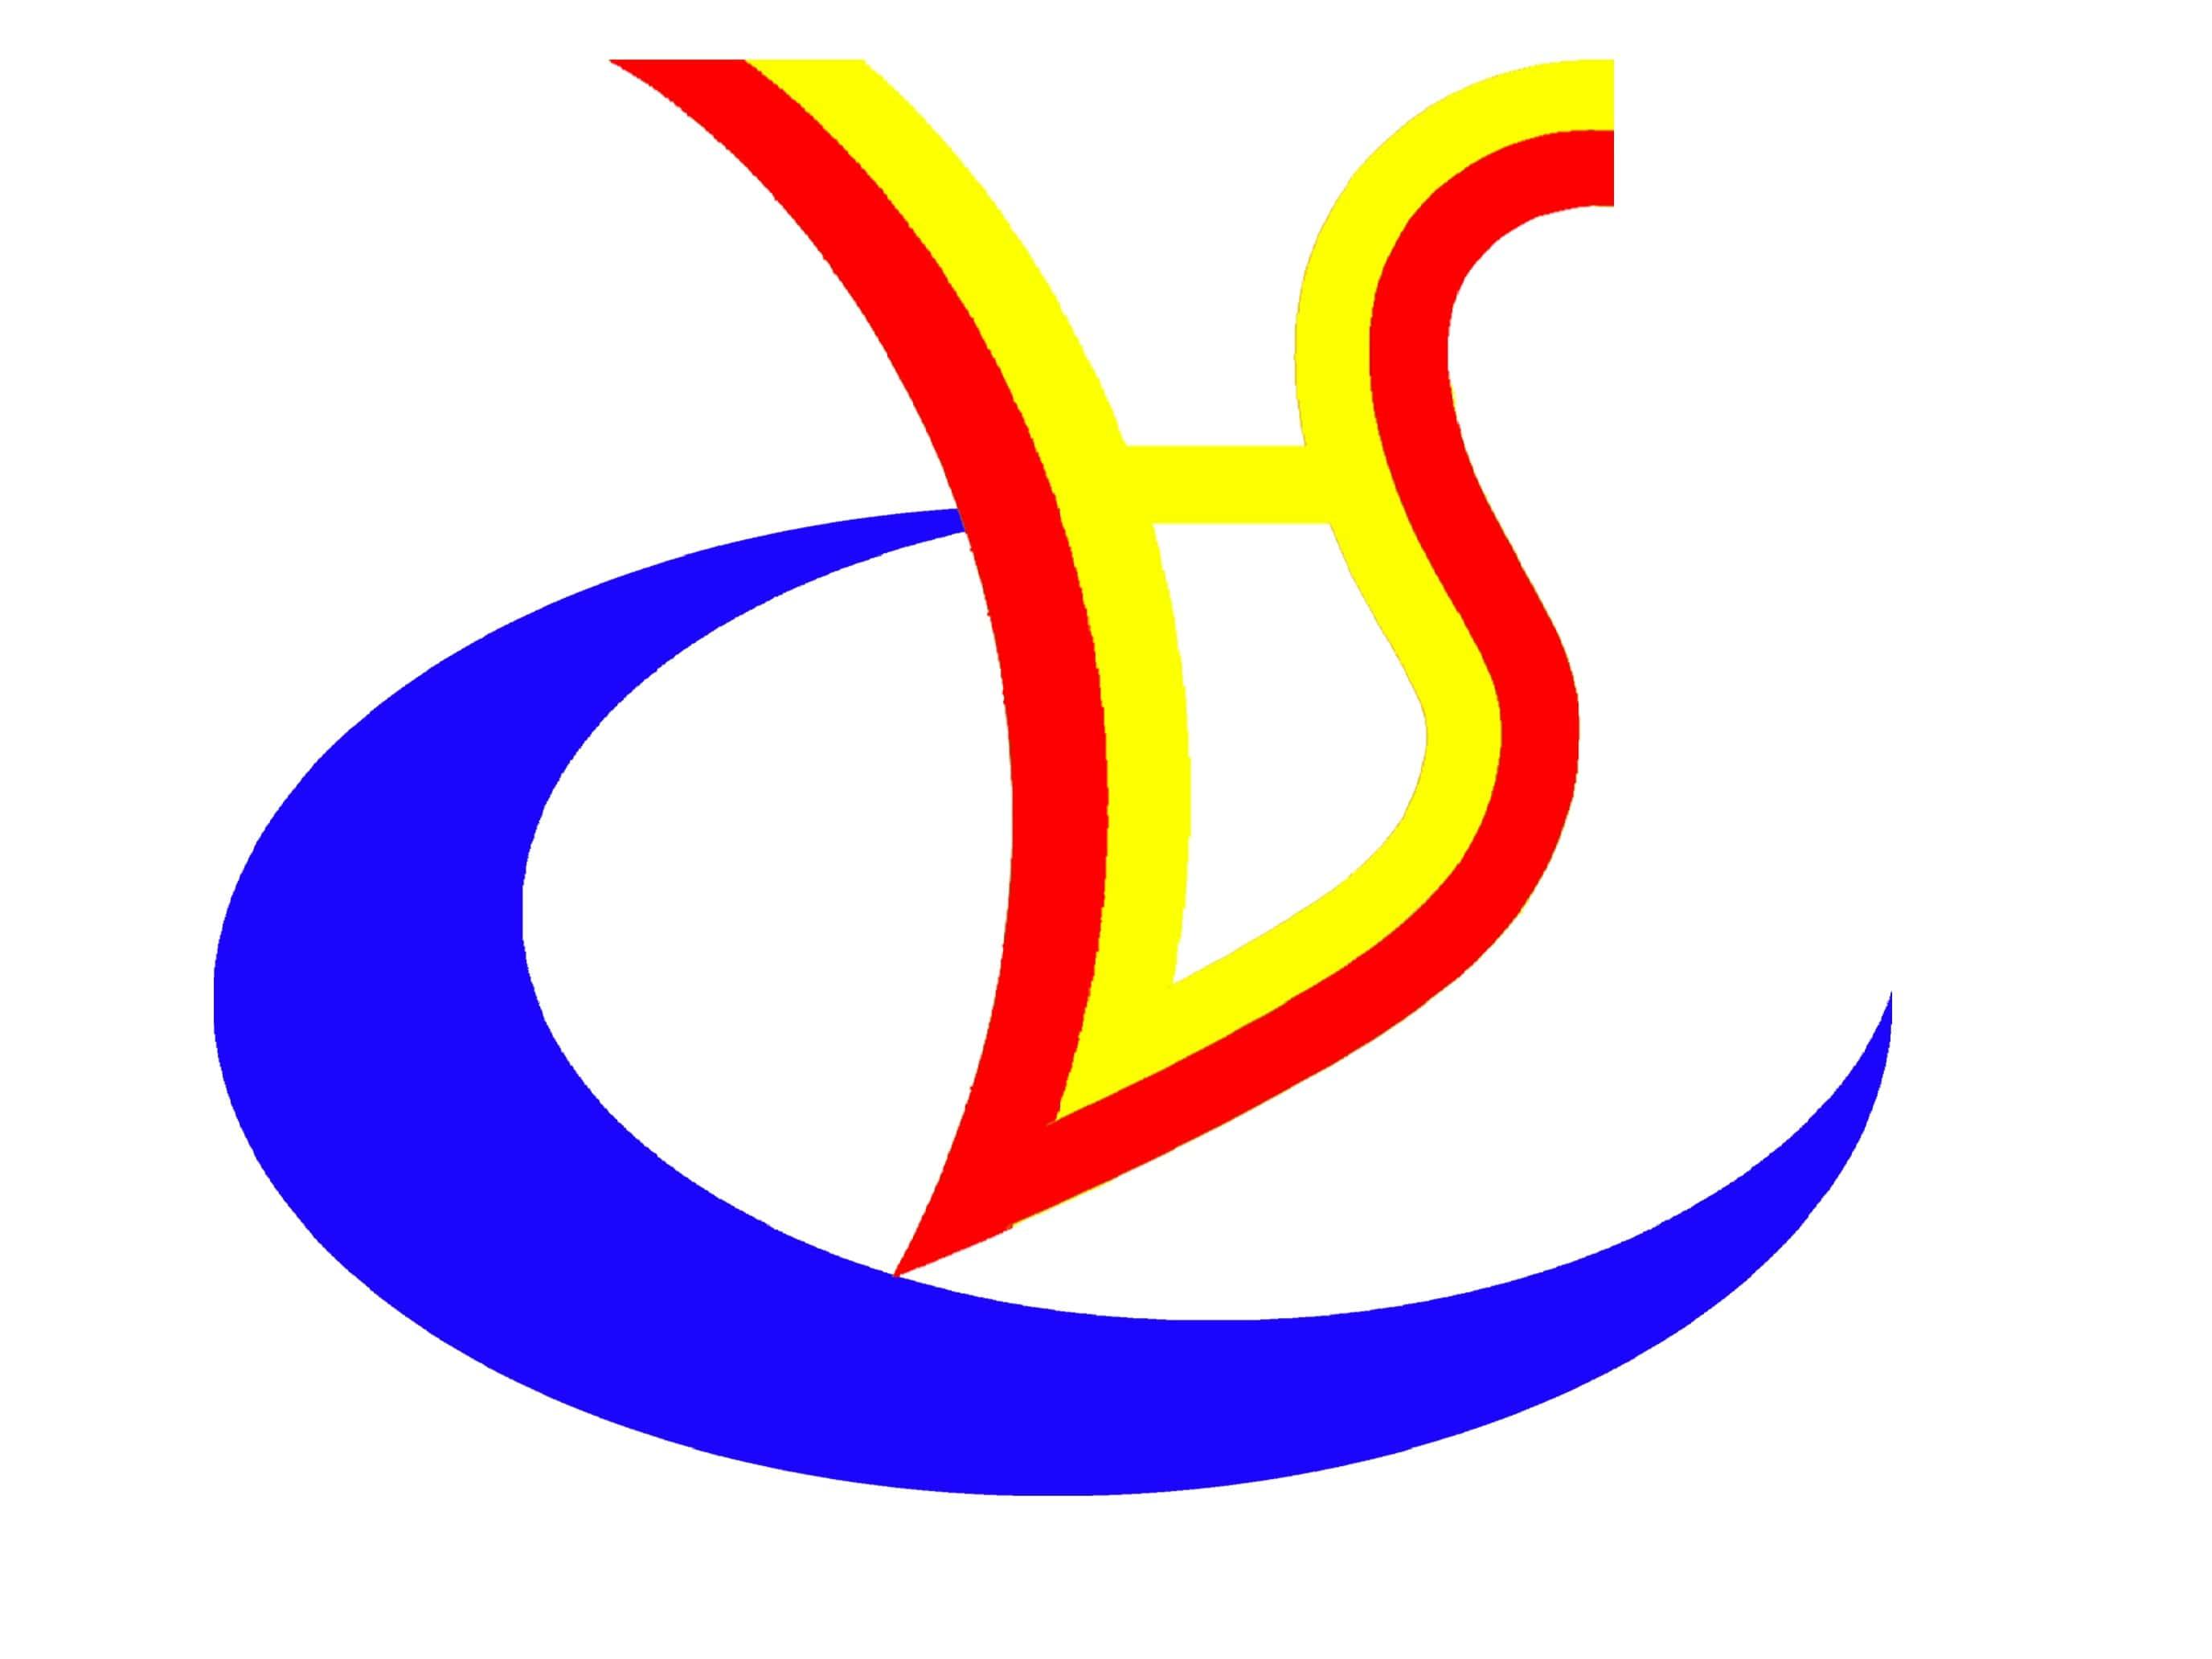 Logo thiết bị nâng Hưng Việt, xe nâng Hưng Việt